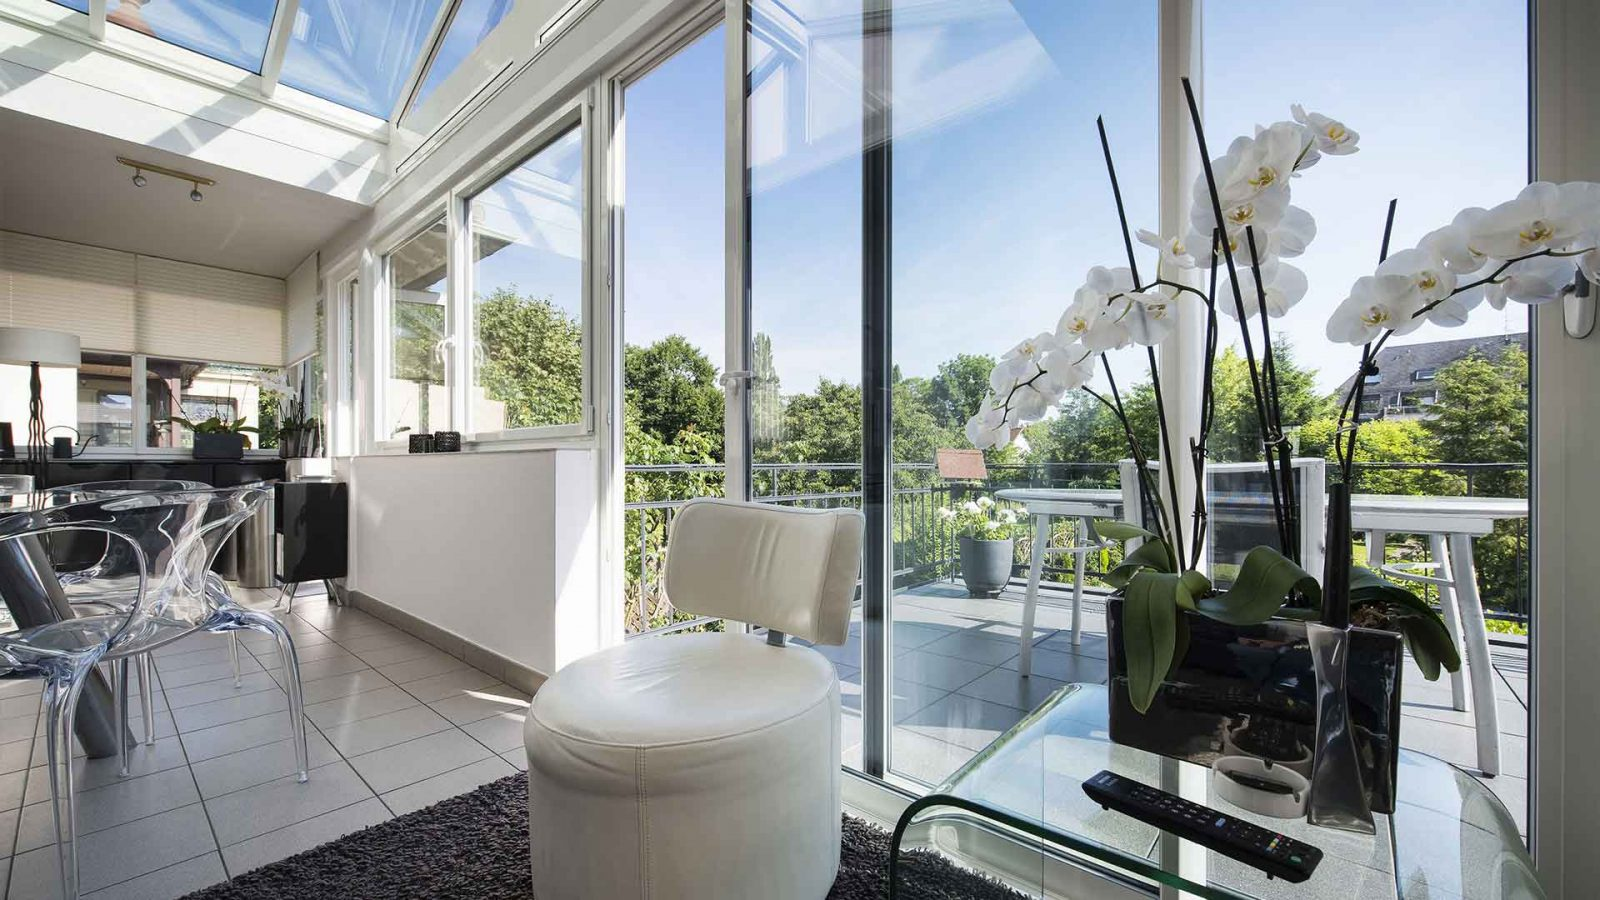 baie vitrée donnant sur le salon orchidée